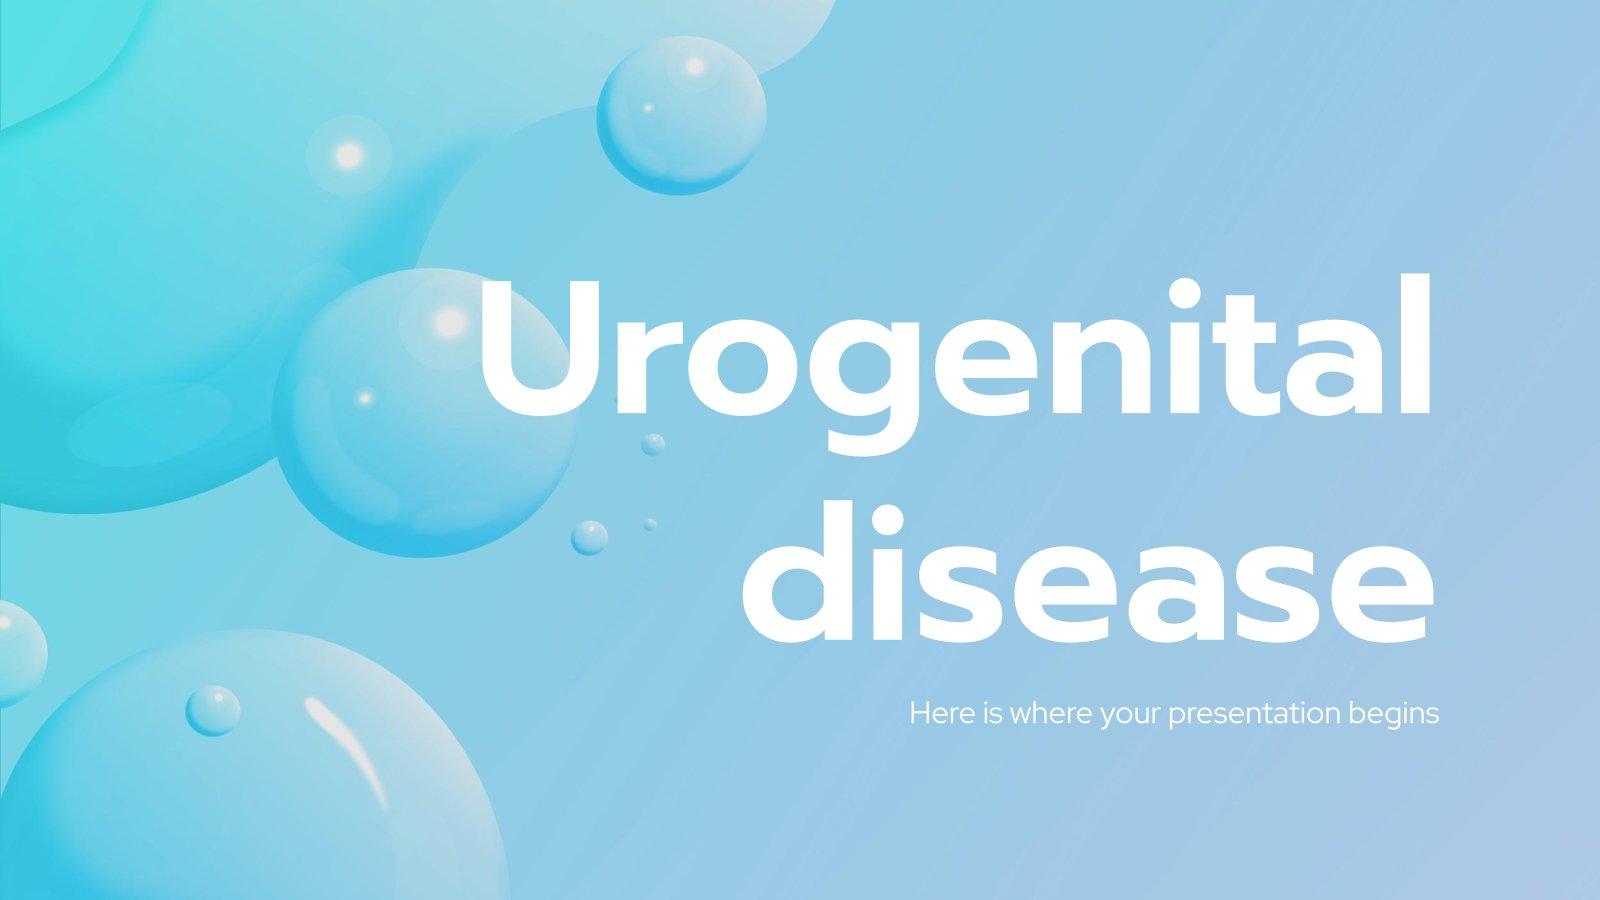 Plantilla de presentación Enfermedades urogenitales